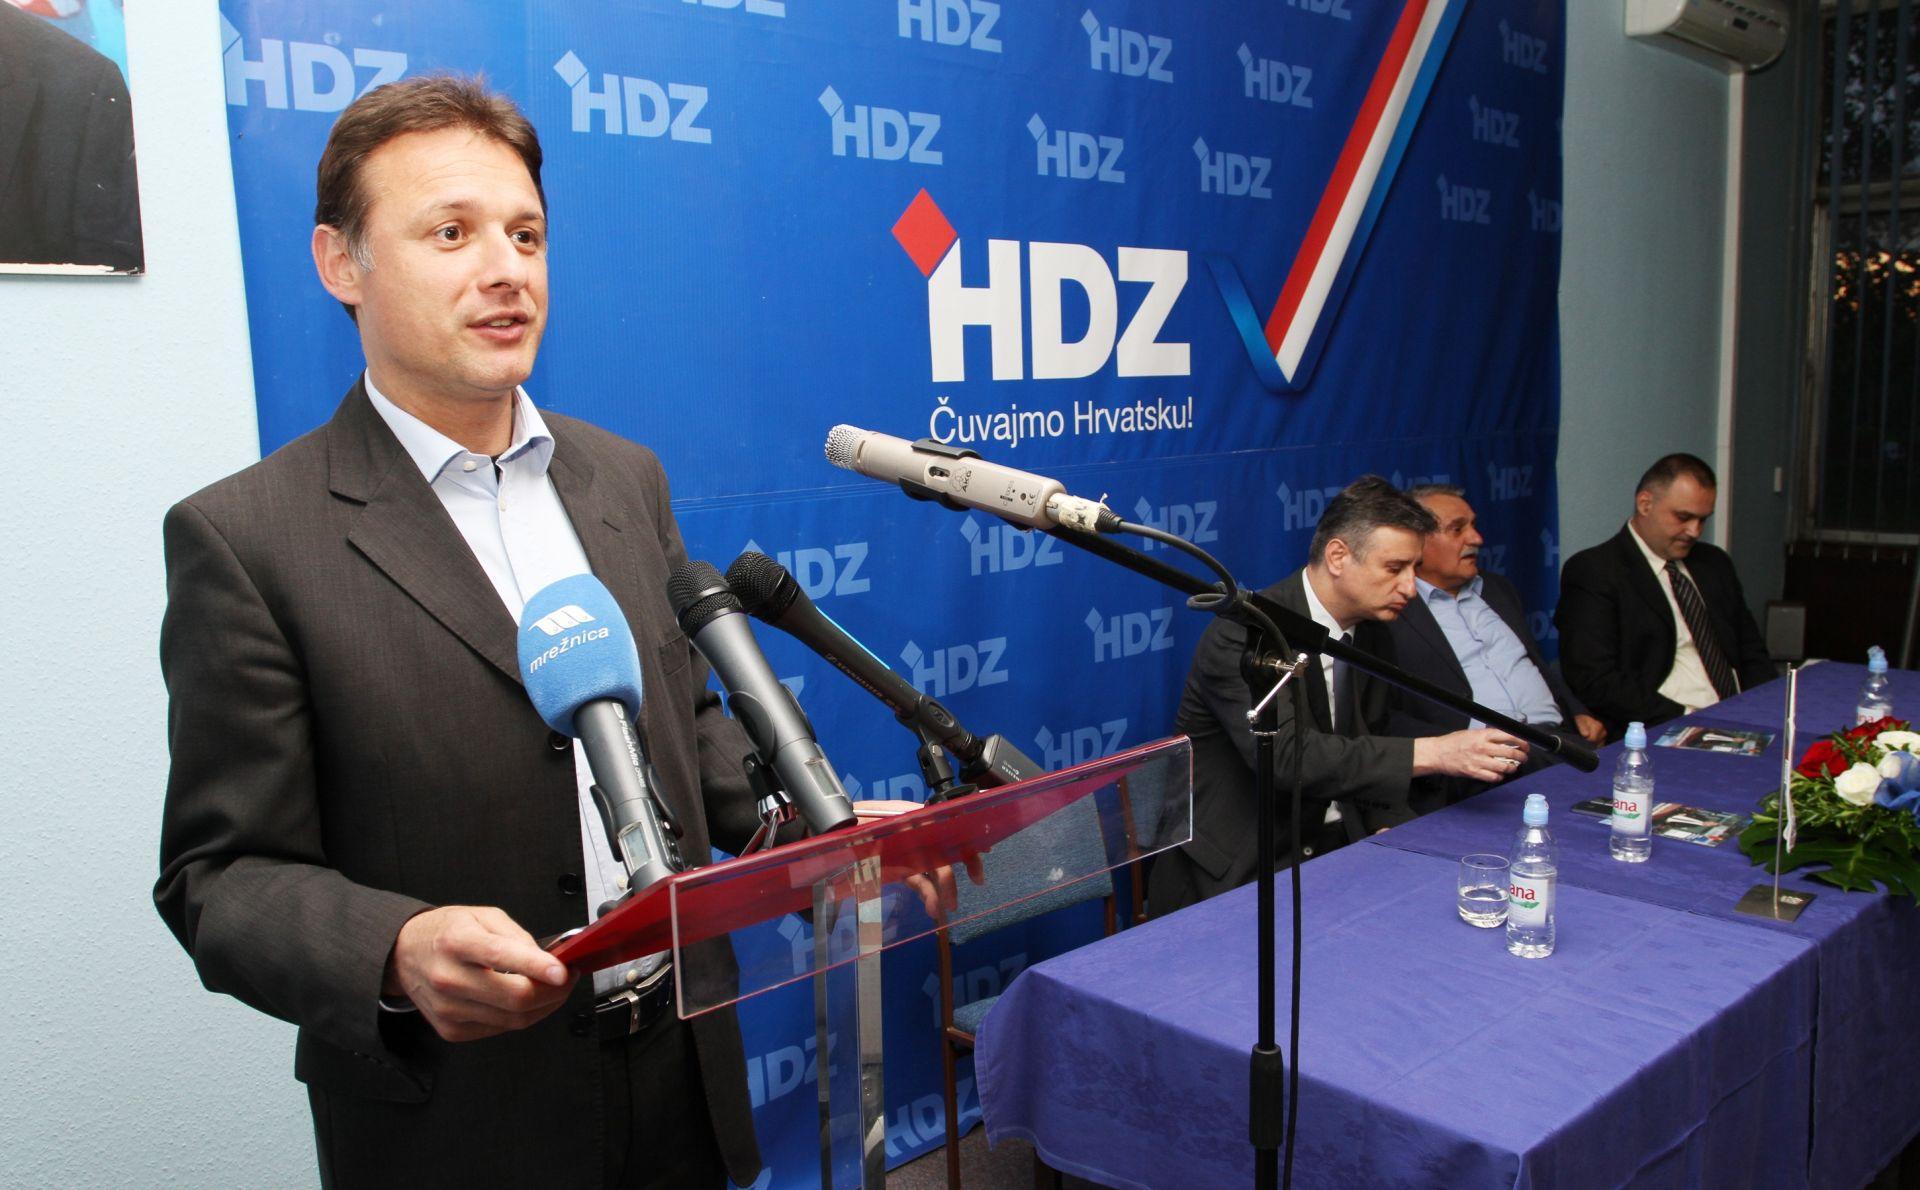 JANDROKOVIĆ: Slovenija kompromitirala sud, sporazum treba staviti izvan snage